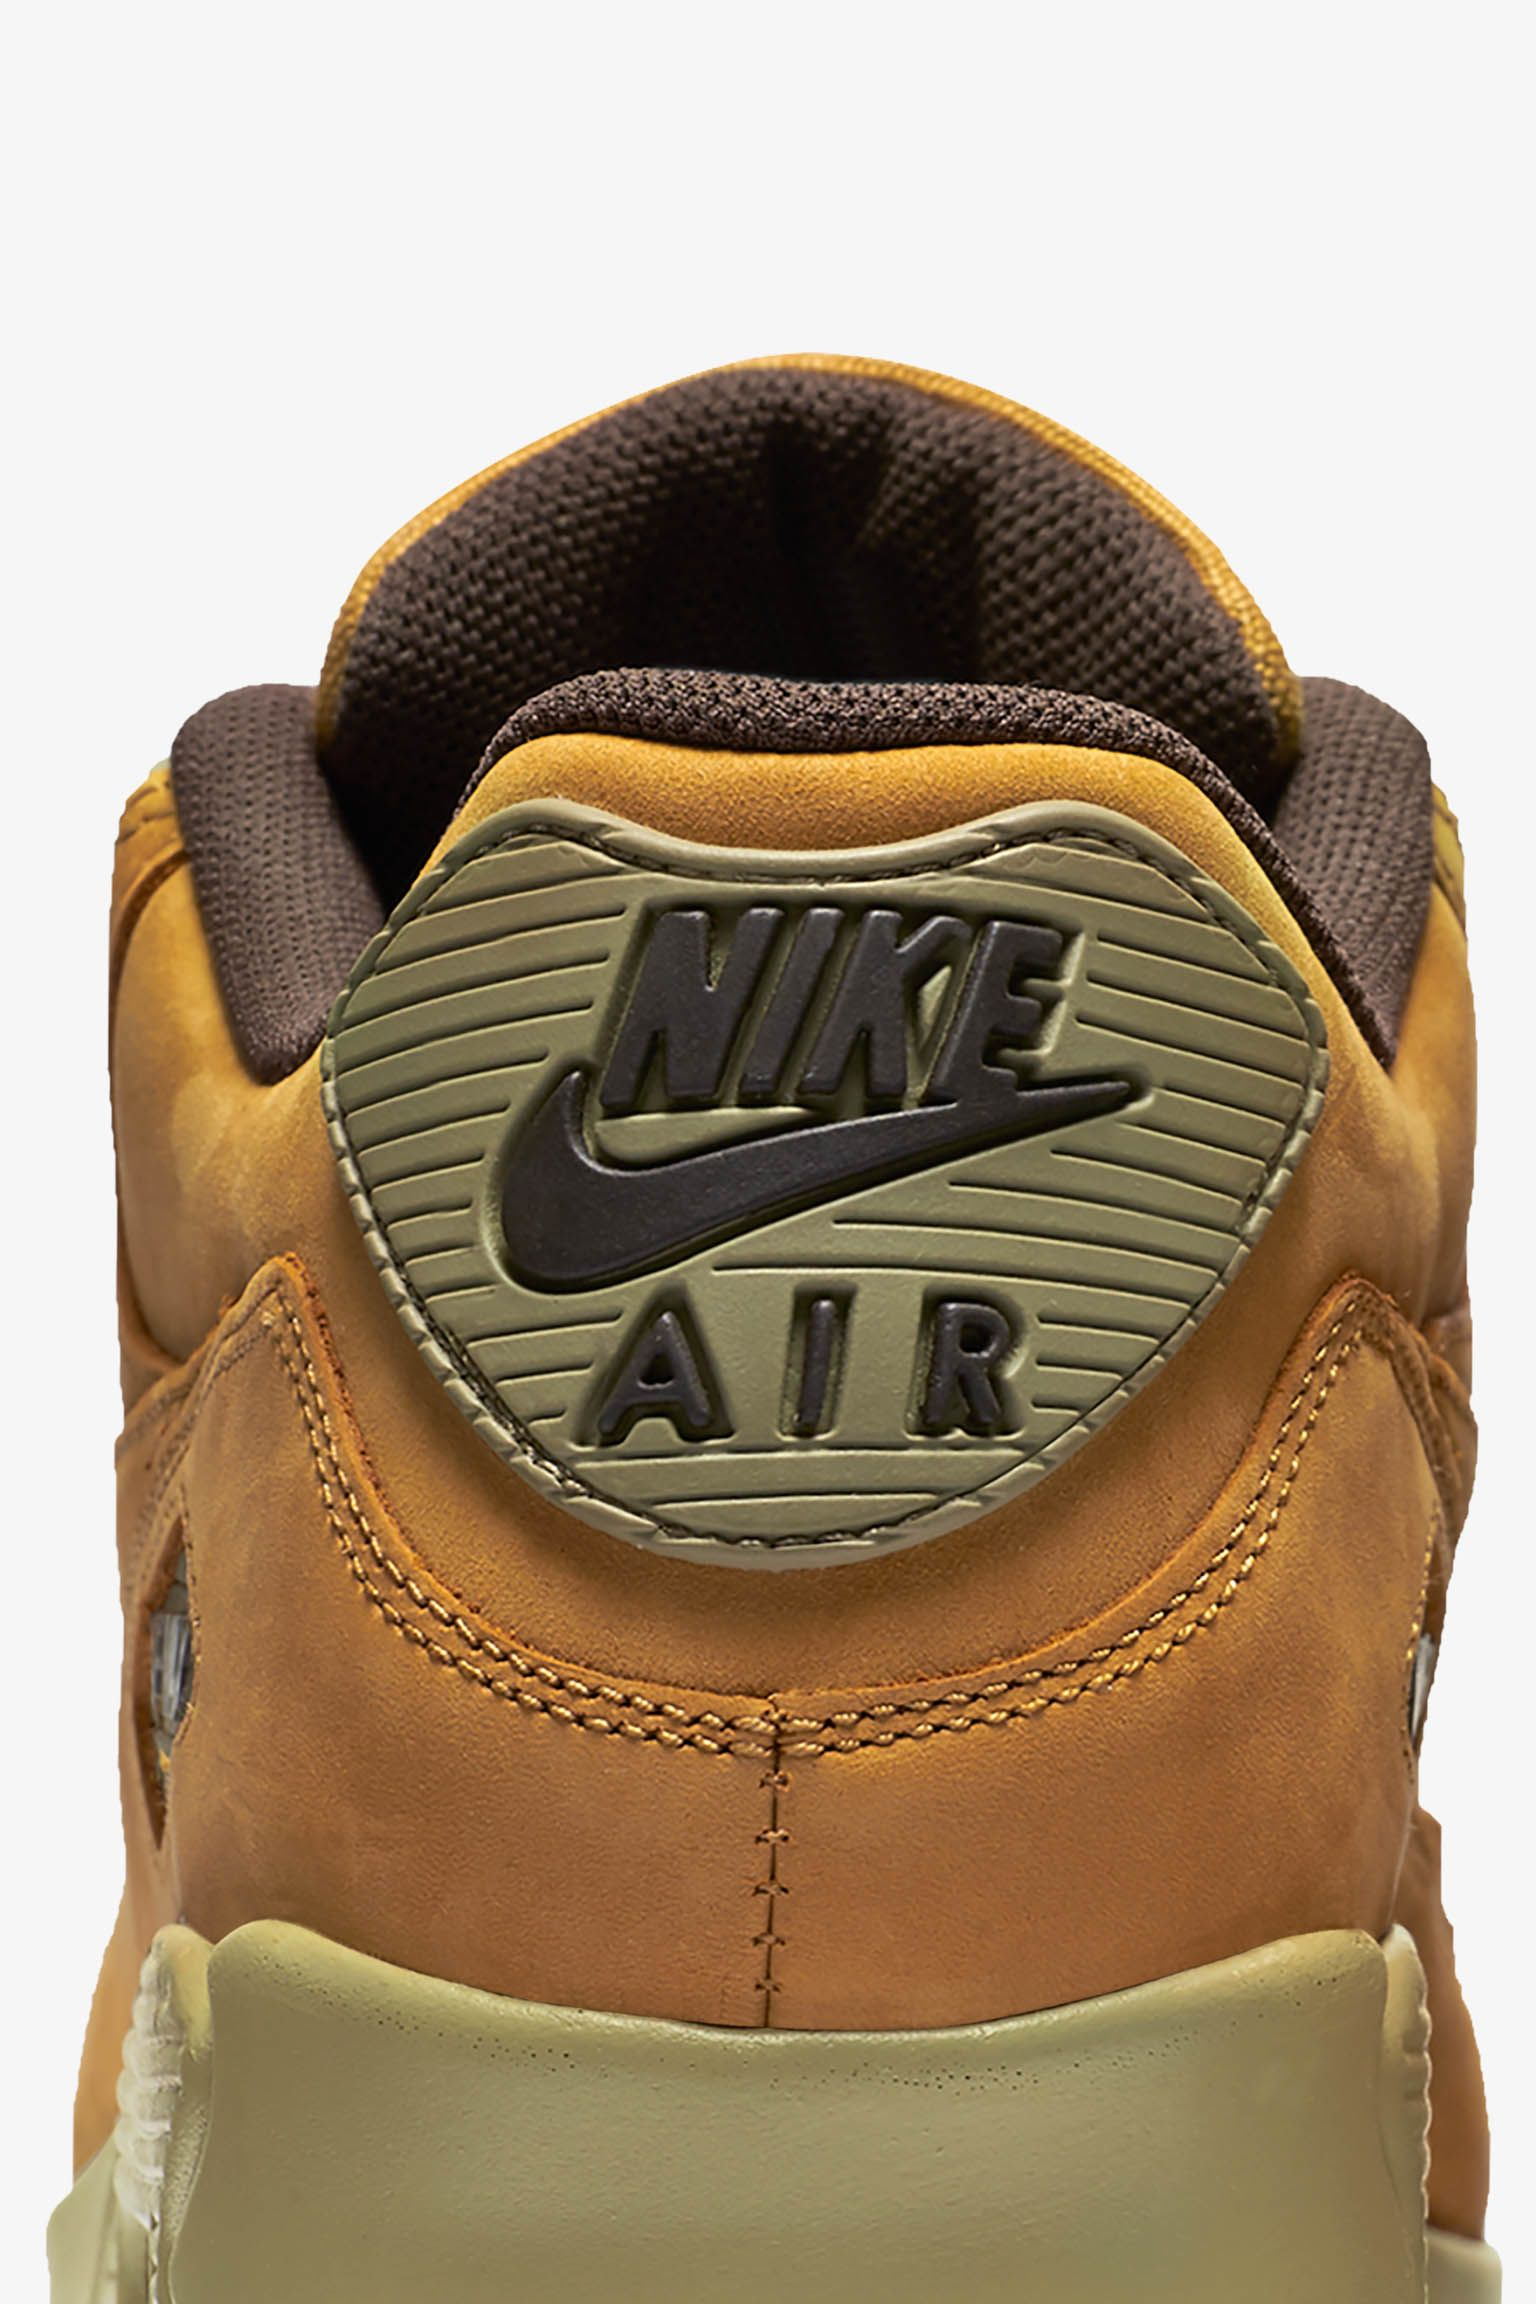 Nike Air Max 90 'Wheat'